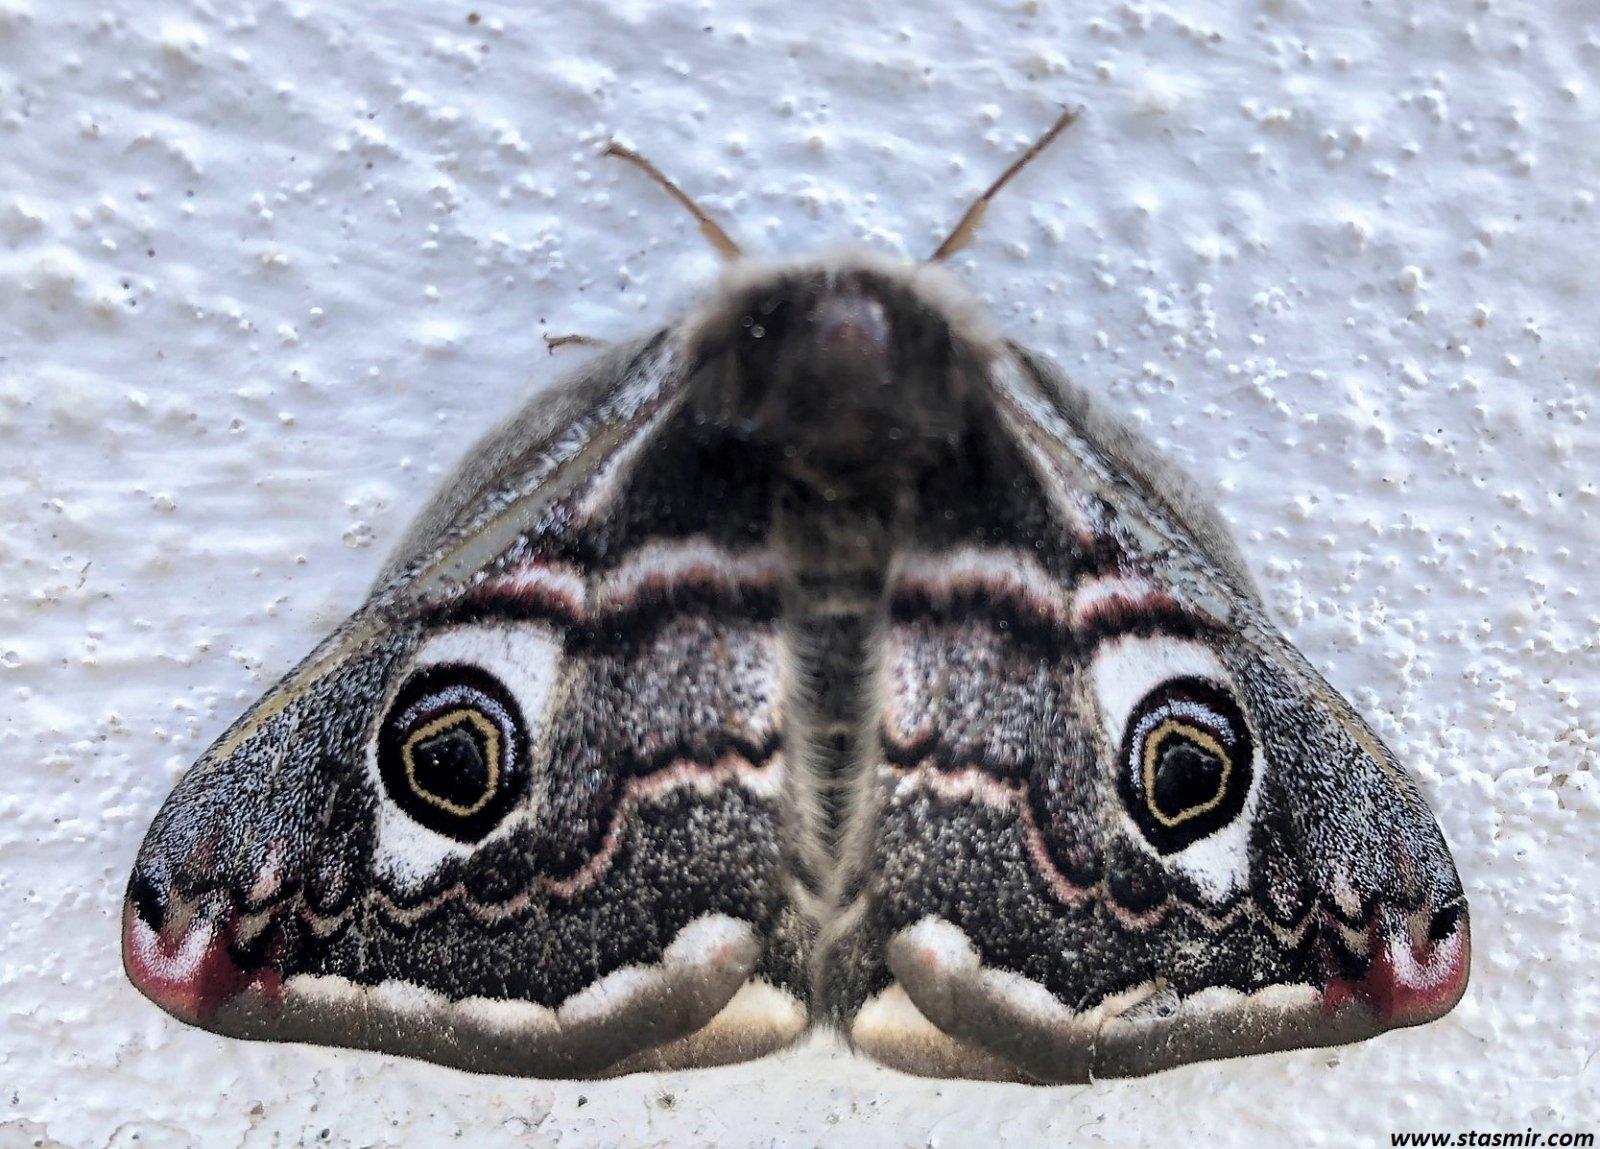 черная бабочка - эмблема печали). Фото Стасмир, Photo Stasmir